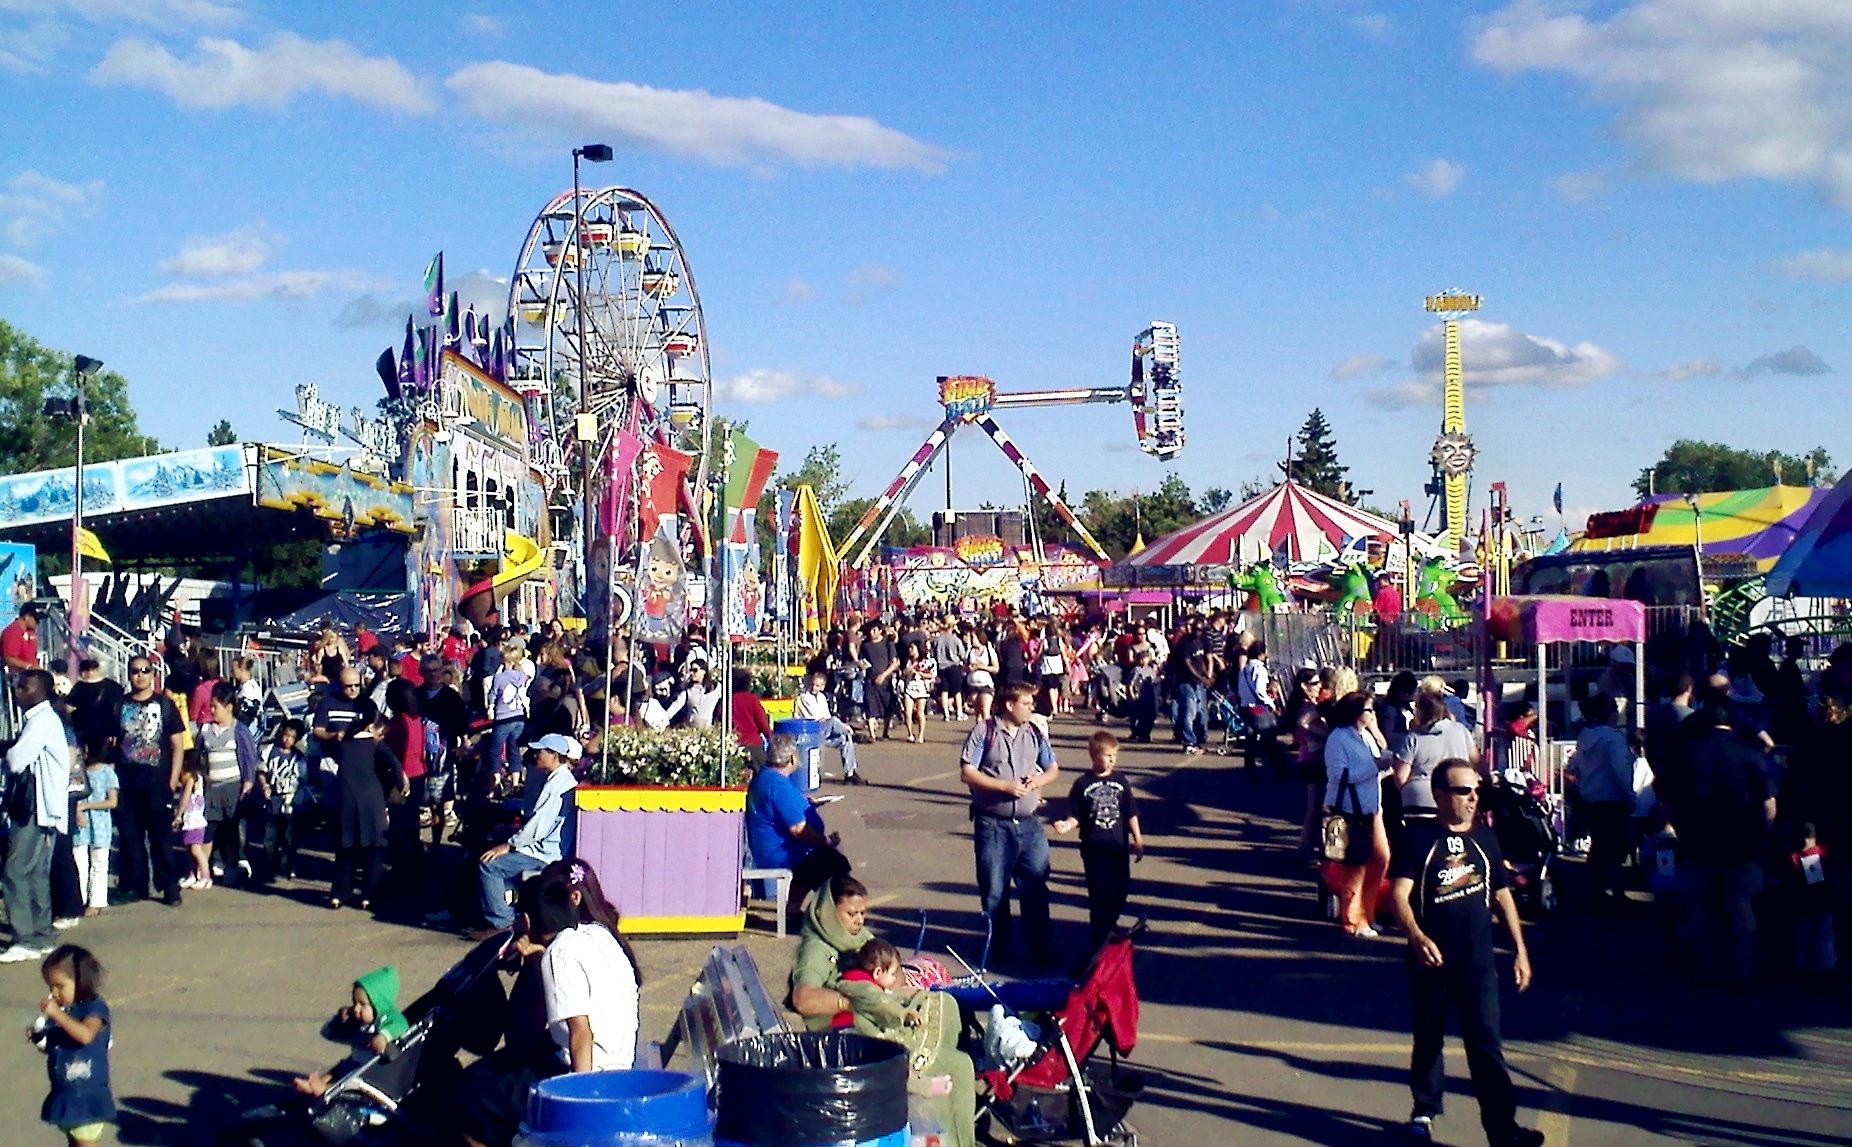 埃德蒙顿首都节(Edmonton's Capital EX)